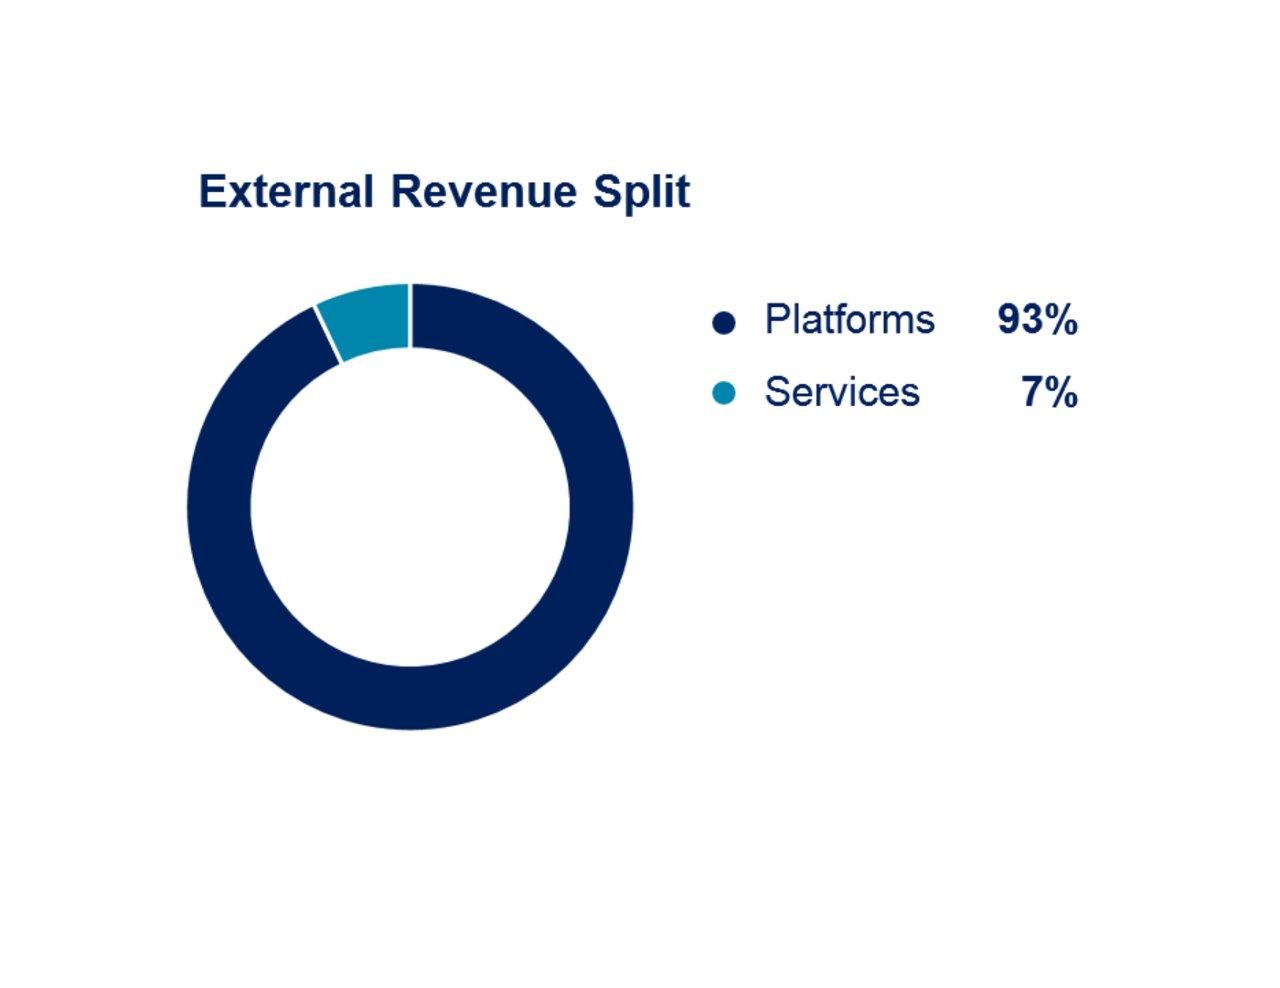 Airbus 9m 2019 Airbus External Revenue Split